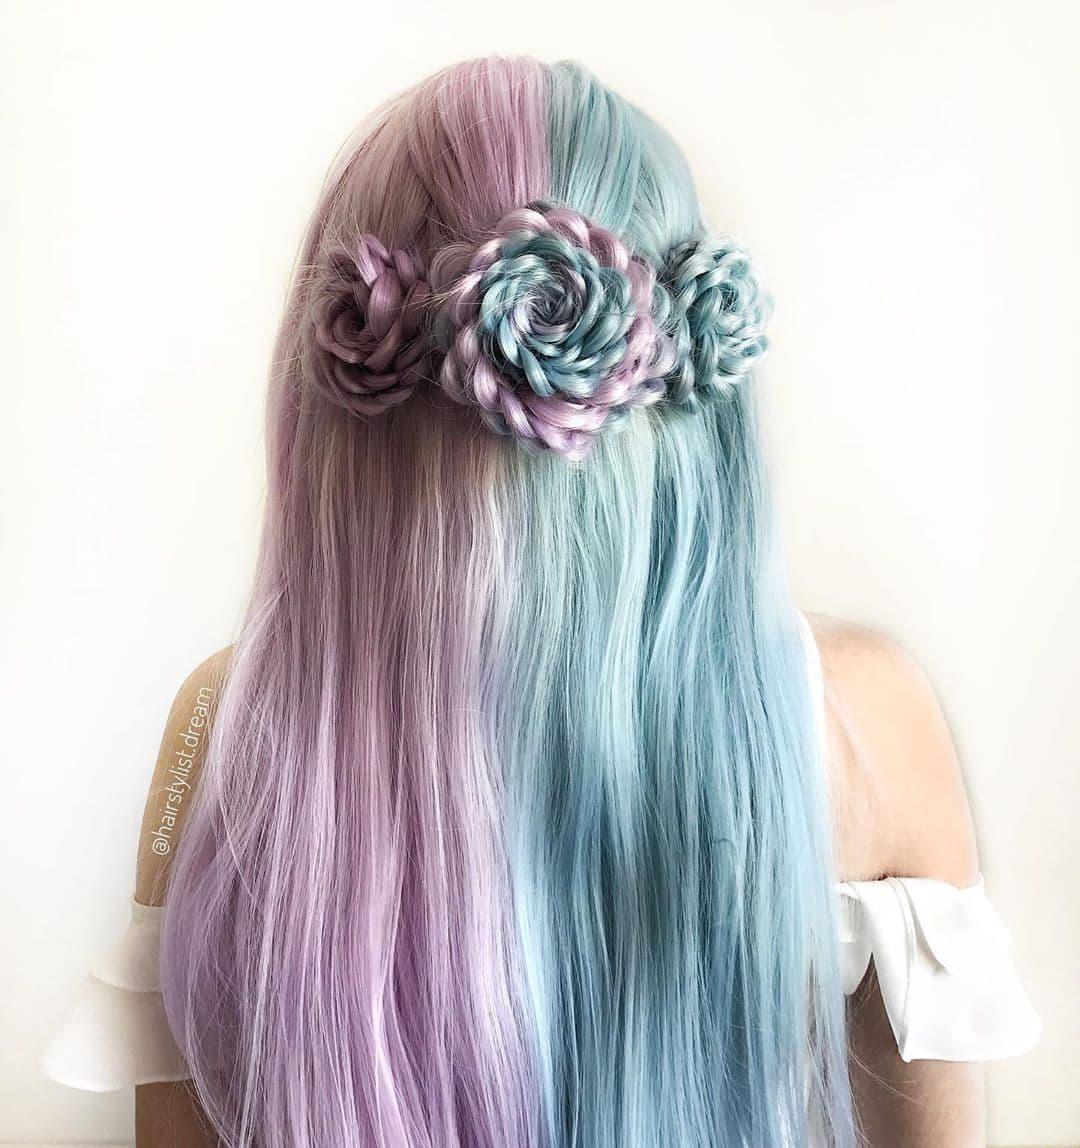 Молодая девушка парикмахер-самоучка создает невероятные шедевры из волос